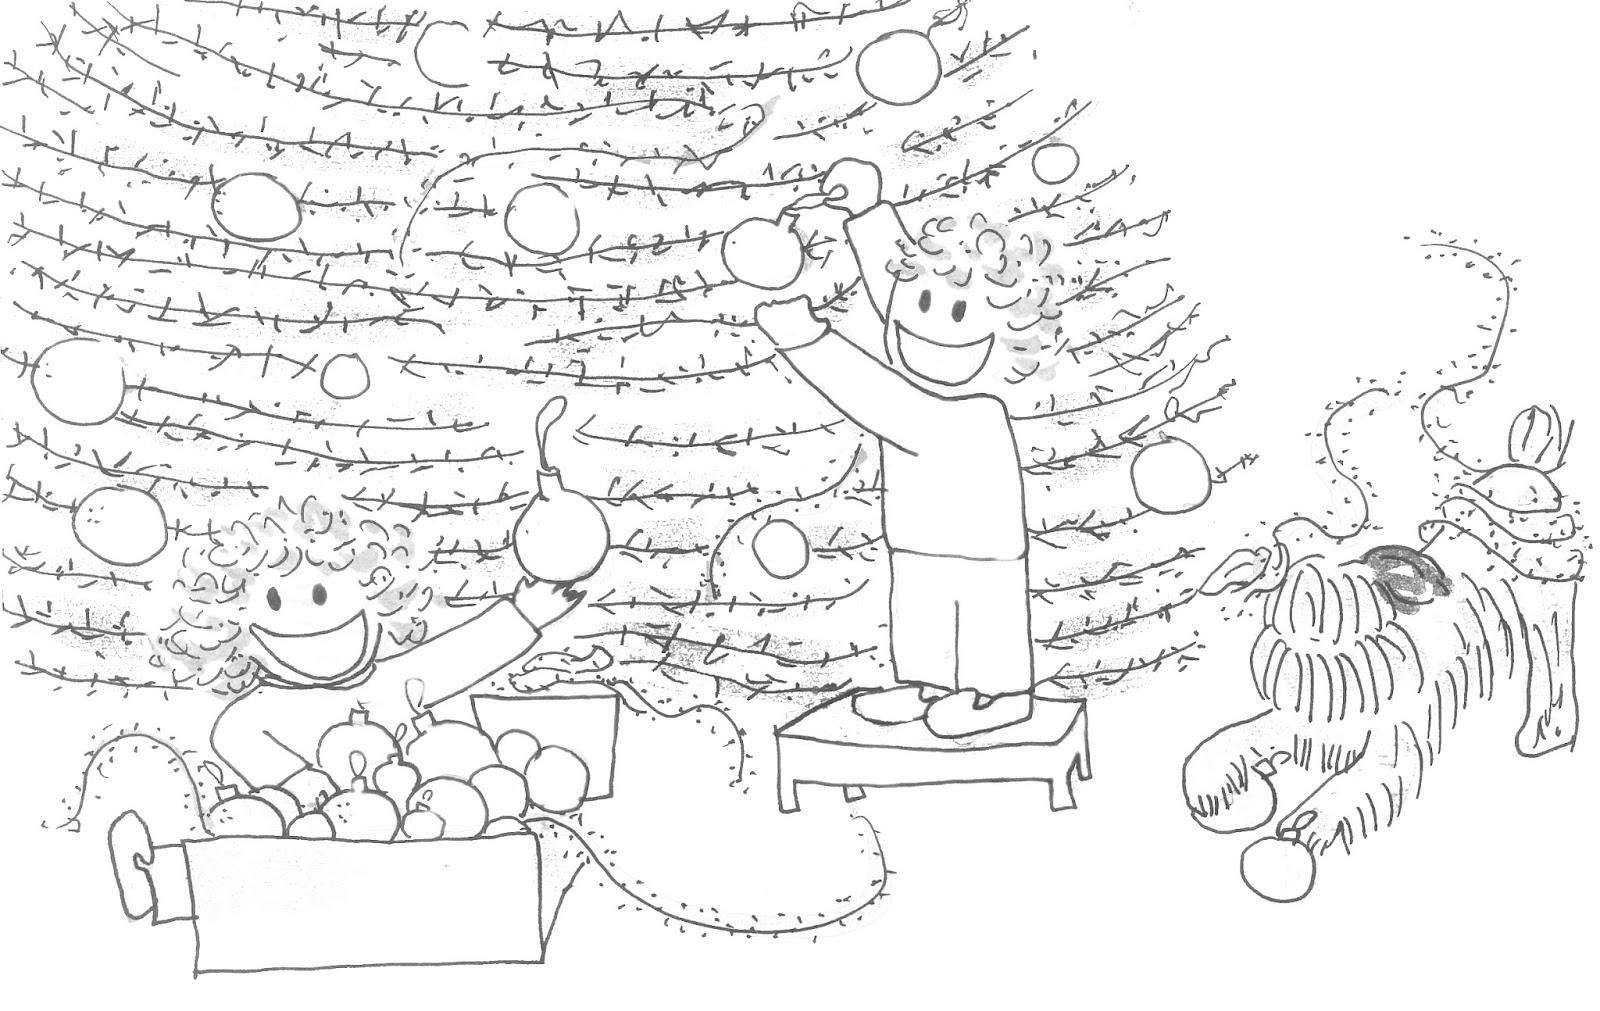 El Baño De Tina Y Leo Cuento Audiocuento Y Lámina Para: Lámina De Navidad Para Colorear